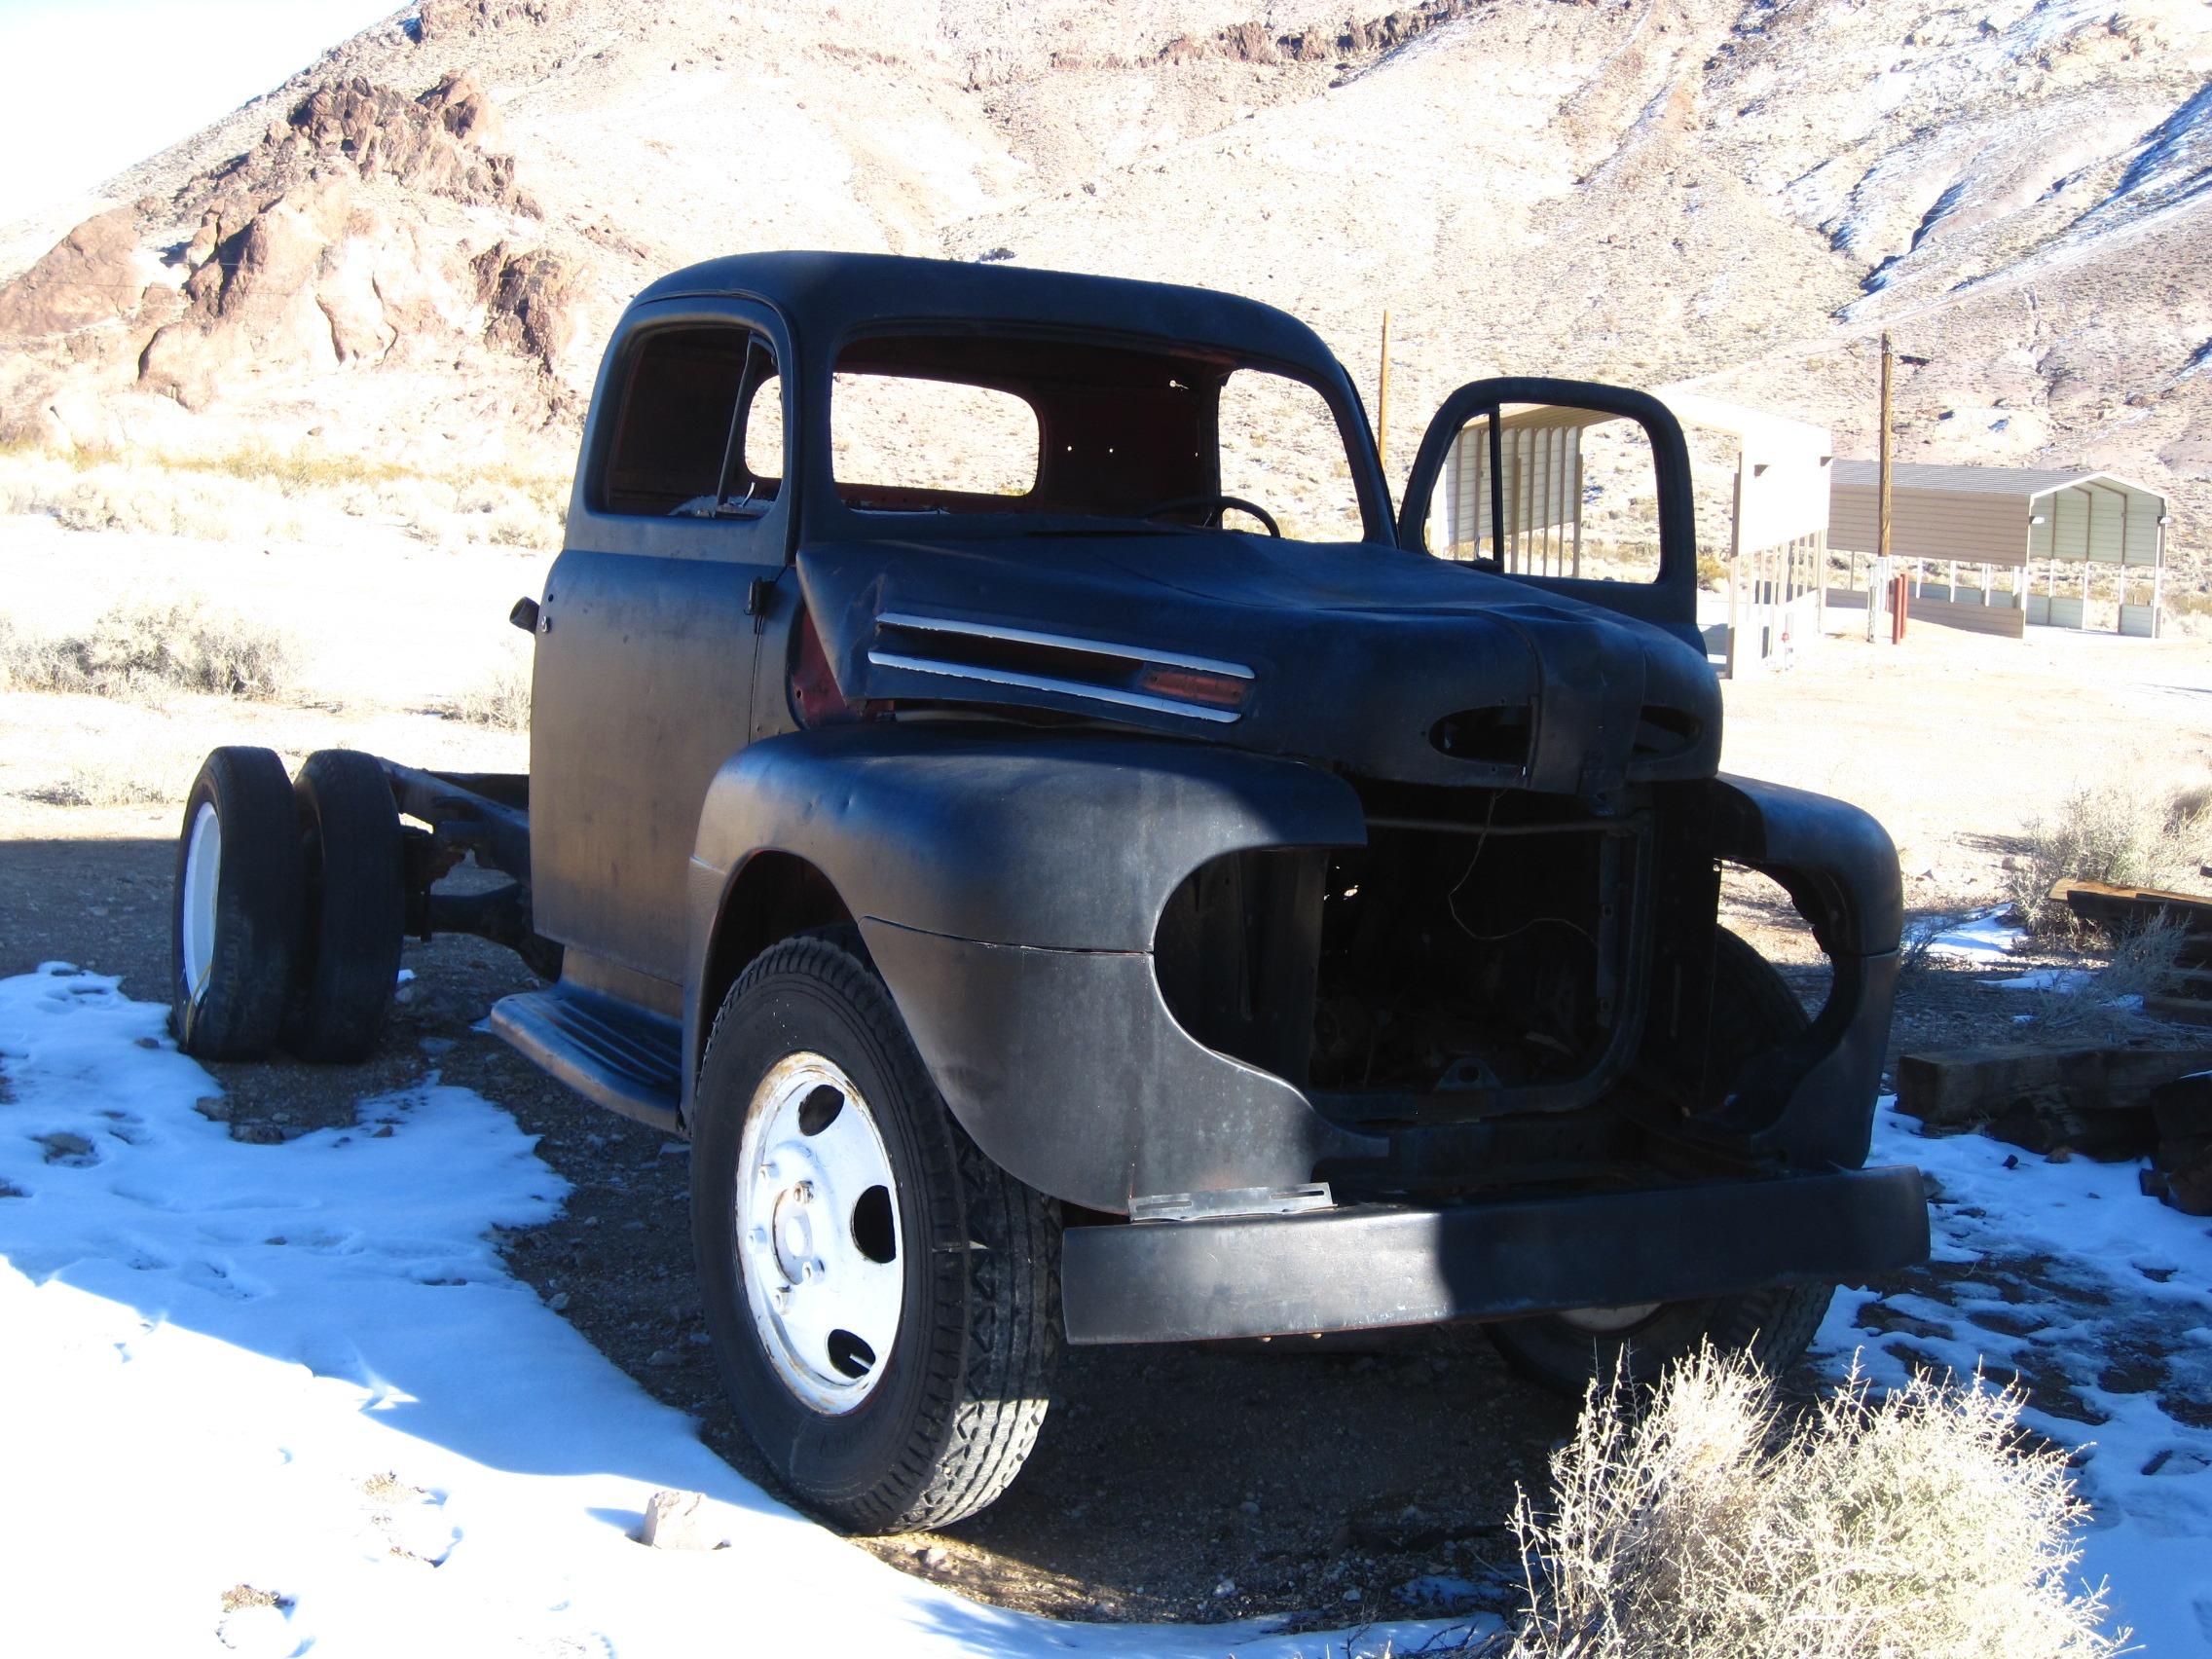 free images car vintage old bumper lorry oldtimer nevada